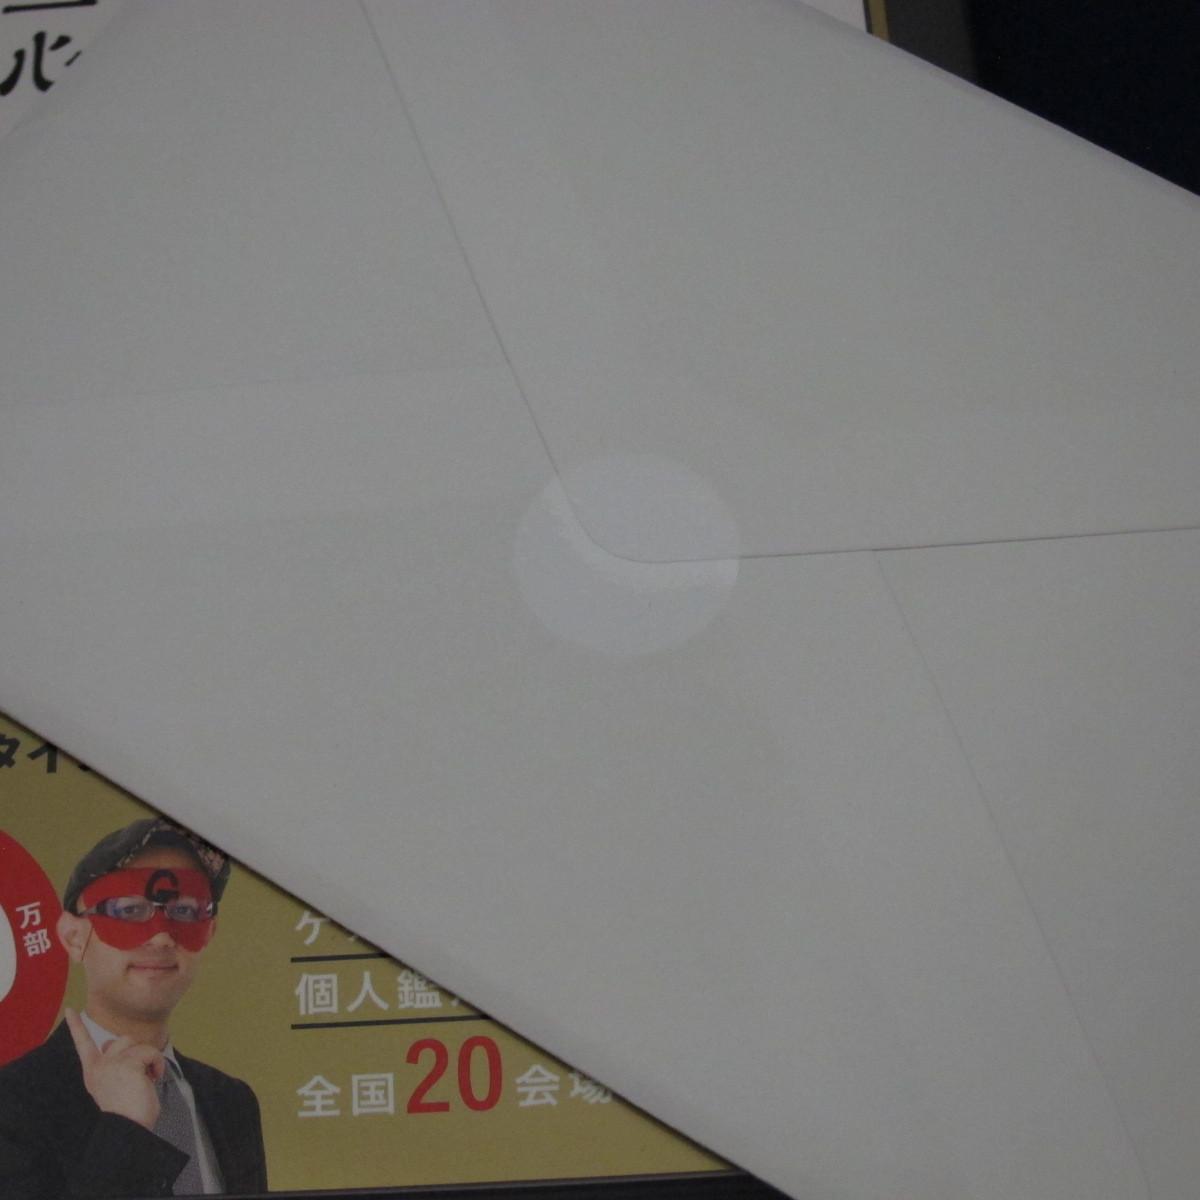 ゲッターズ飯田の五星三心占い2019年版 金/銀の鳳凰_画像3